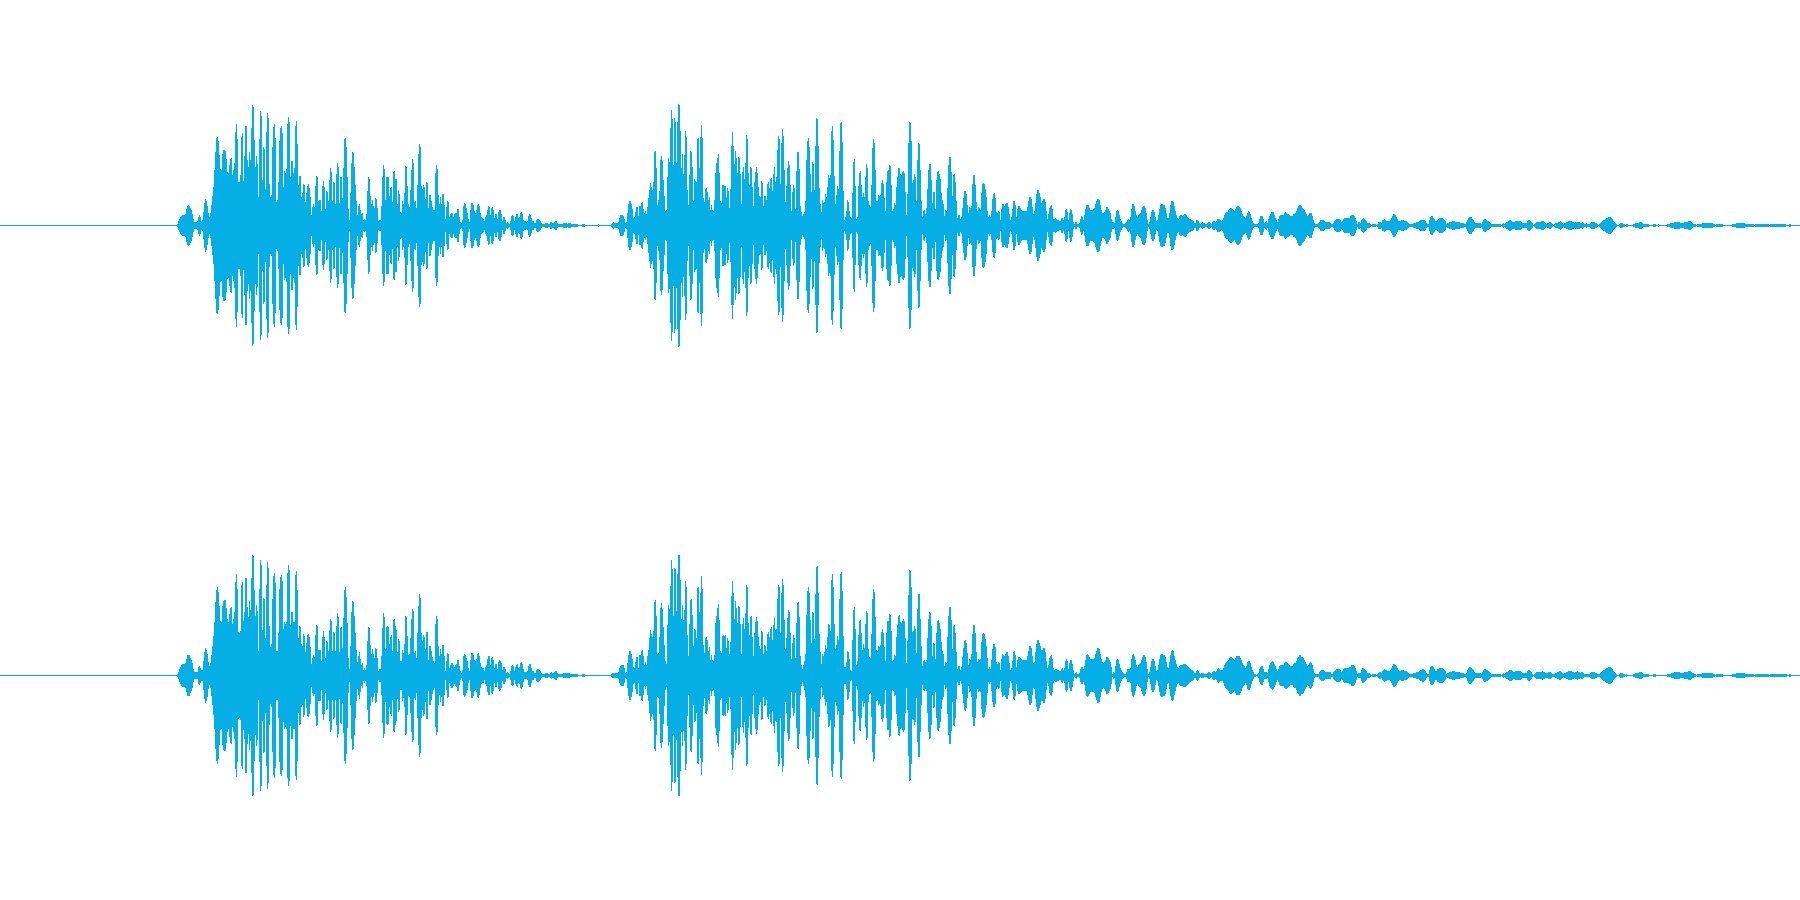 ボタンクリック向け電子音(カコッ)の再生済みの波形